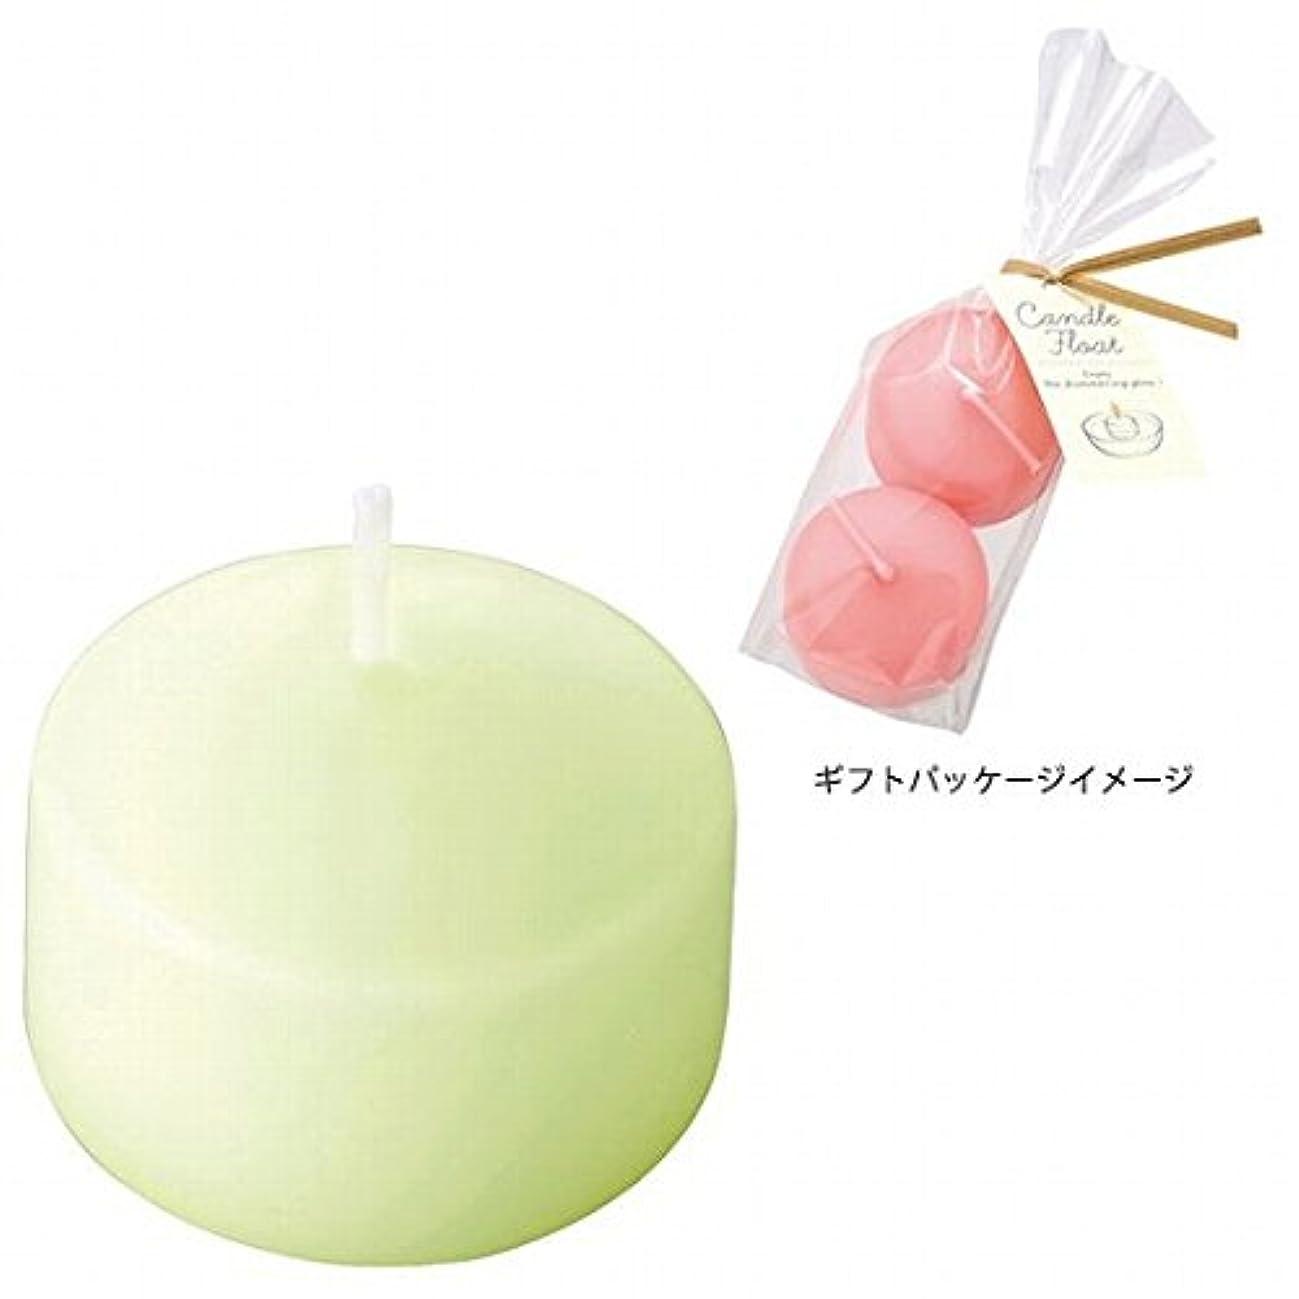 炭水化物有効隠すカメヤマキャンドル(kameyama candle) ハッピープール(2個入り) キャンドル 「ホワイトグリーン」